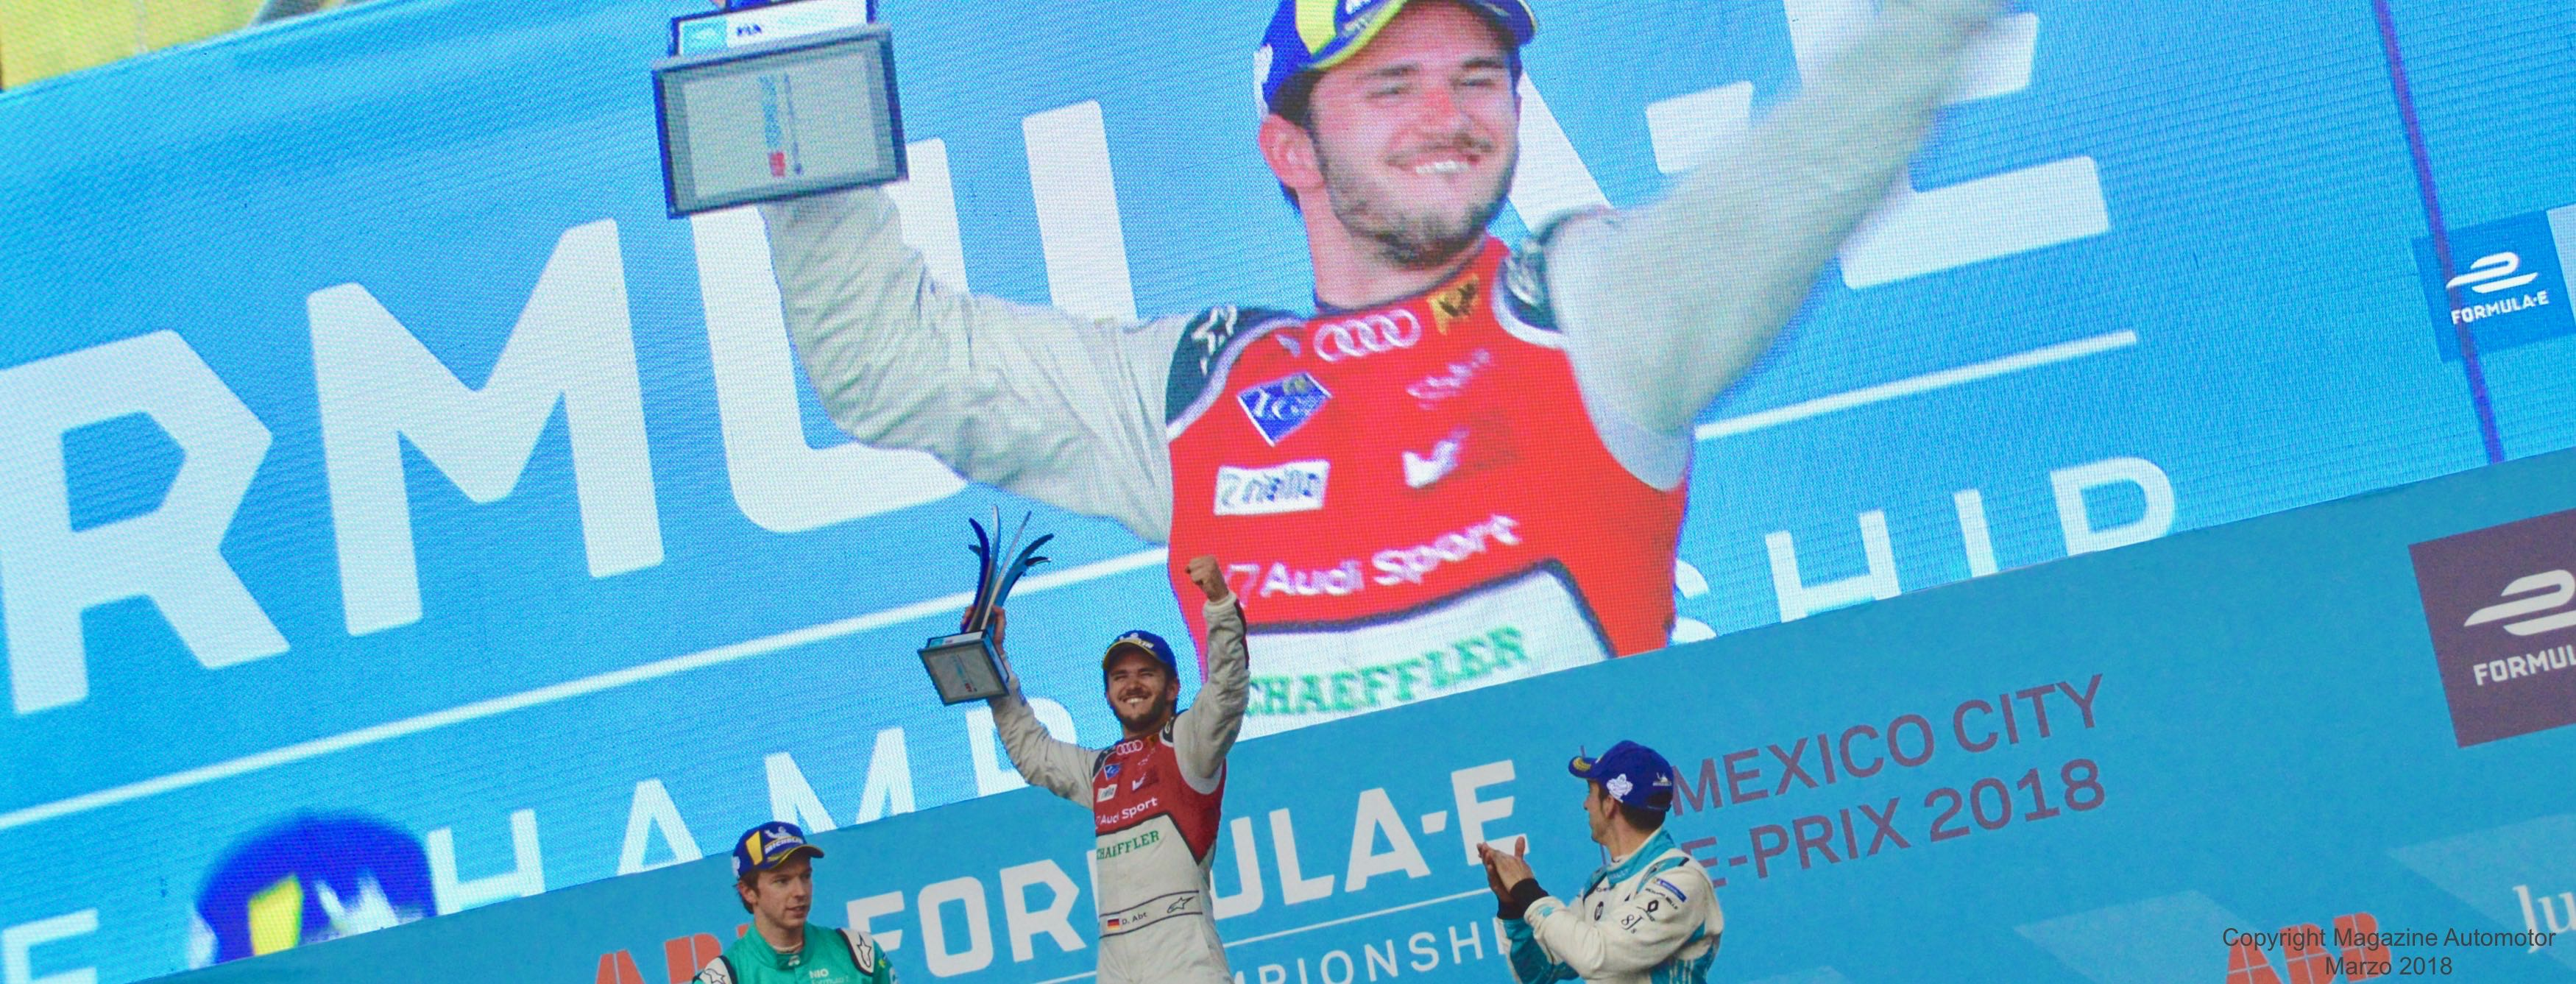 Daniel Abt de la escudería Audi Sport ABT Schaeffler ganó el ABB FIA Formula E de la CDMX 2018